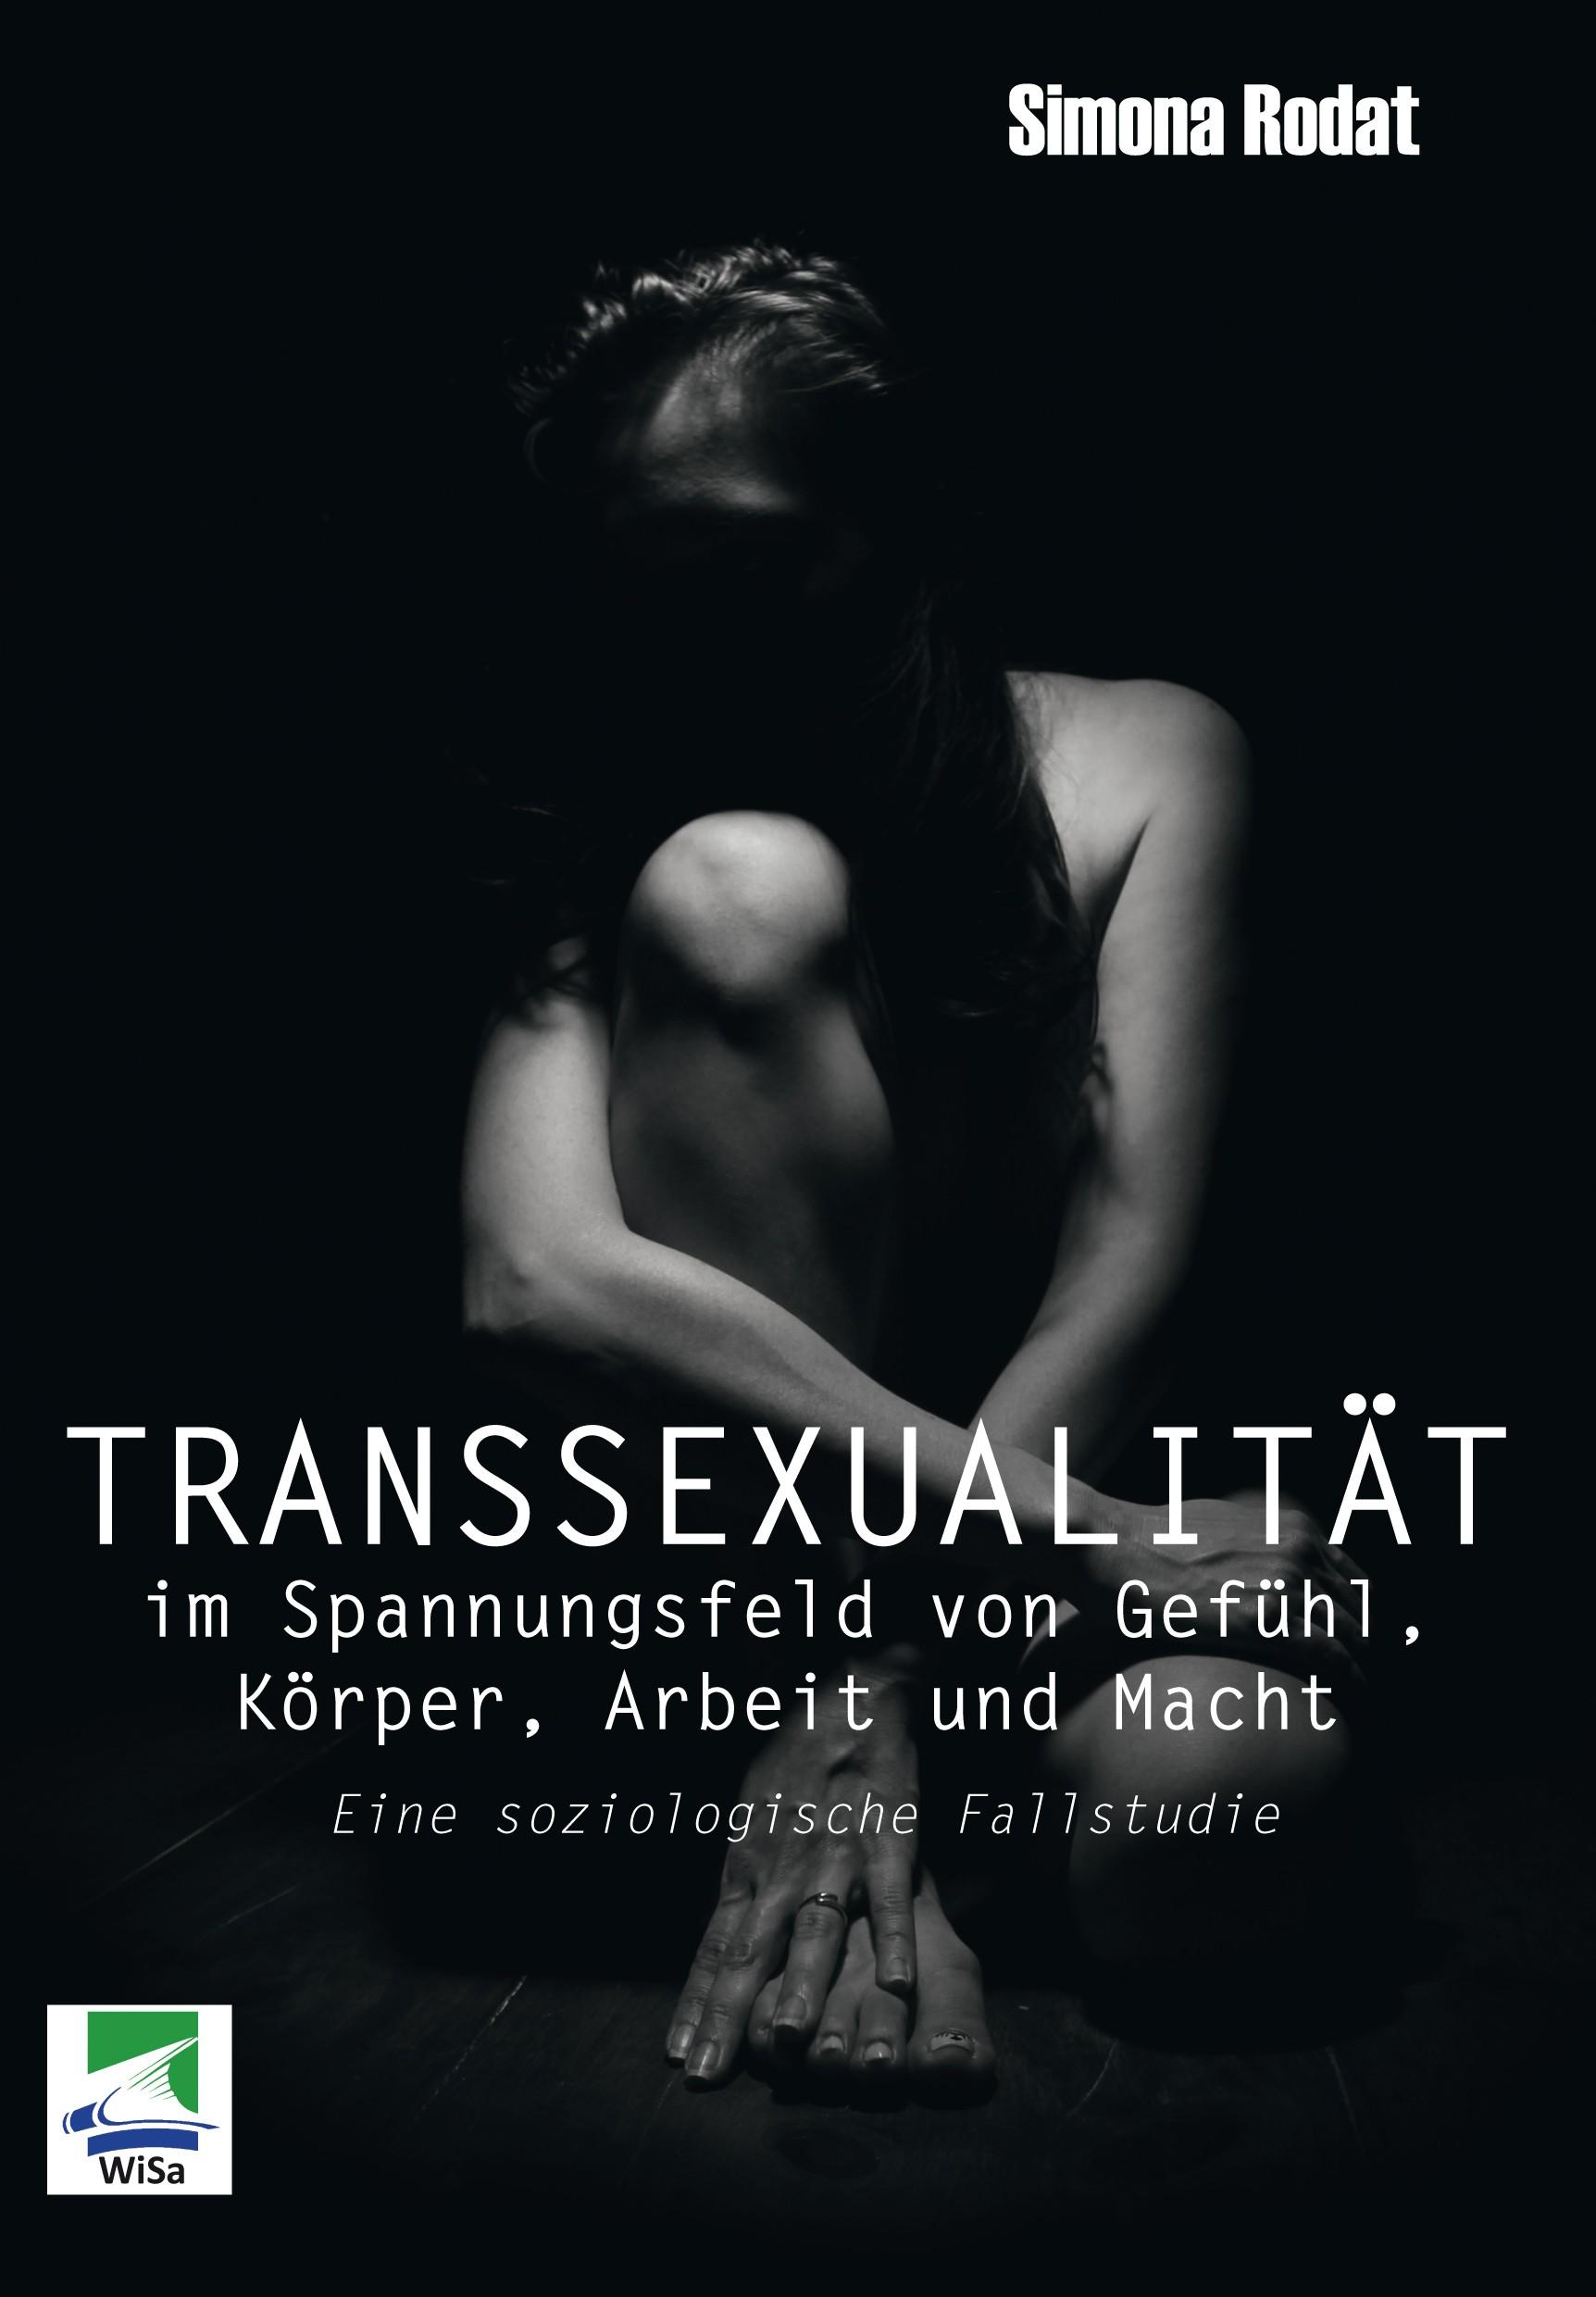 Transsexualität im Spannungsfeld von Gefühl, Körper, Arbeit und Macht